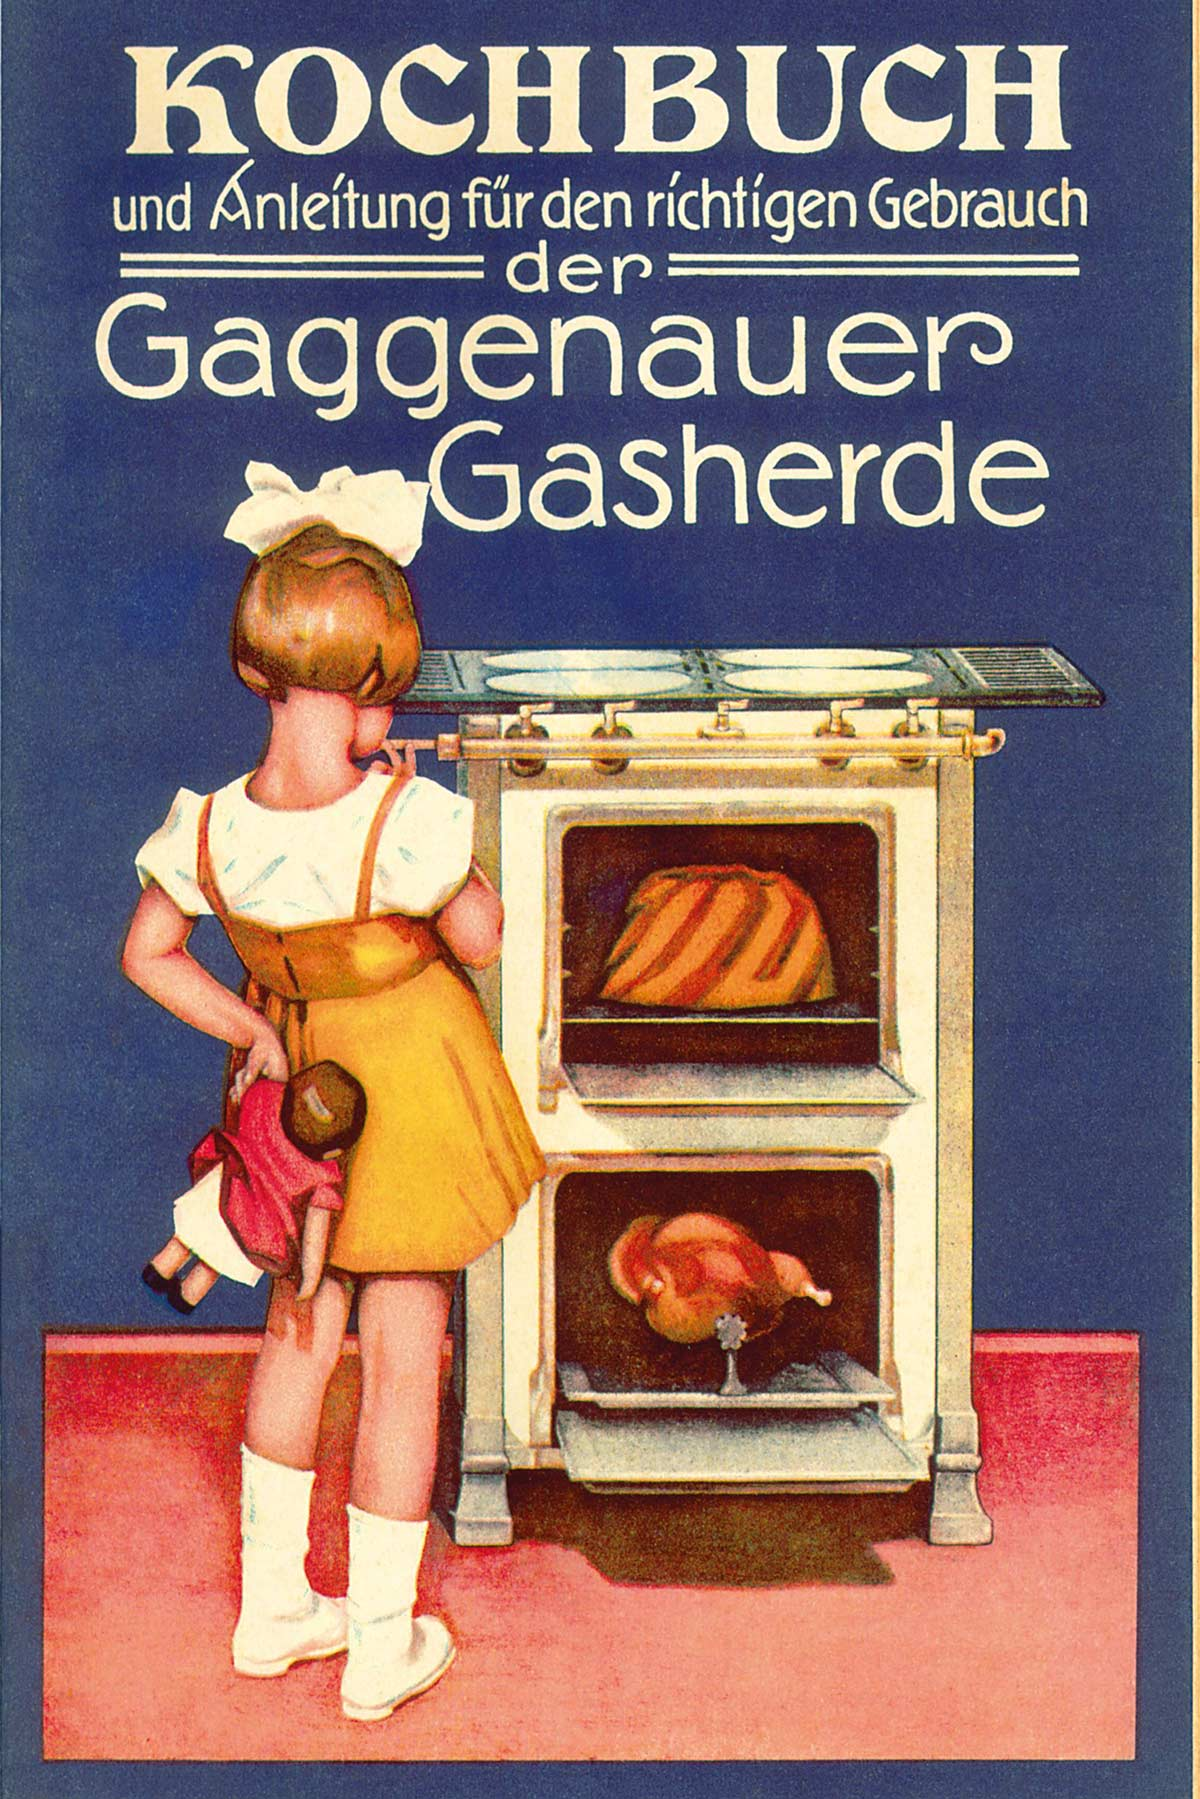 Historisches Gaggenau-Kochbuch